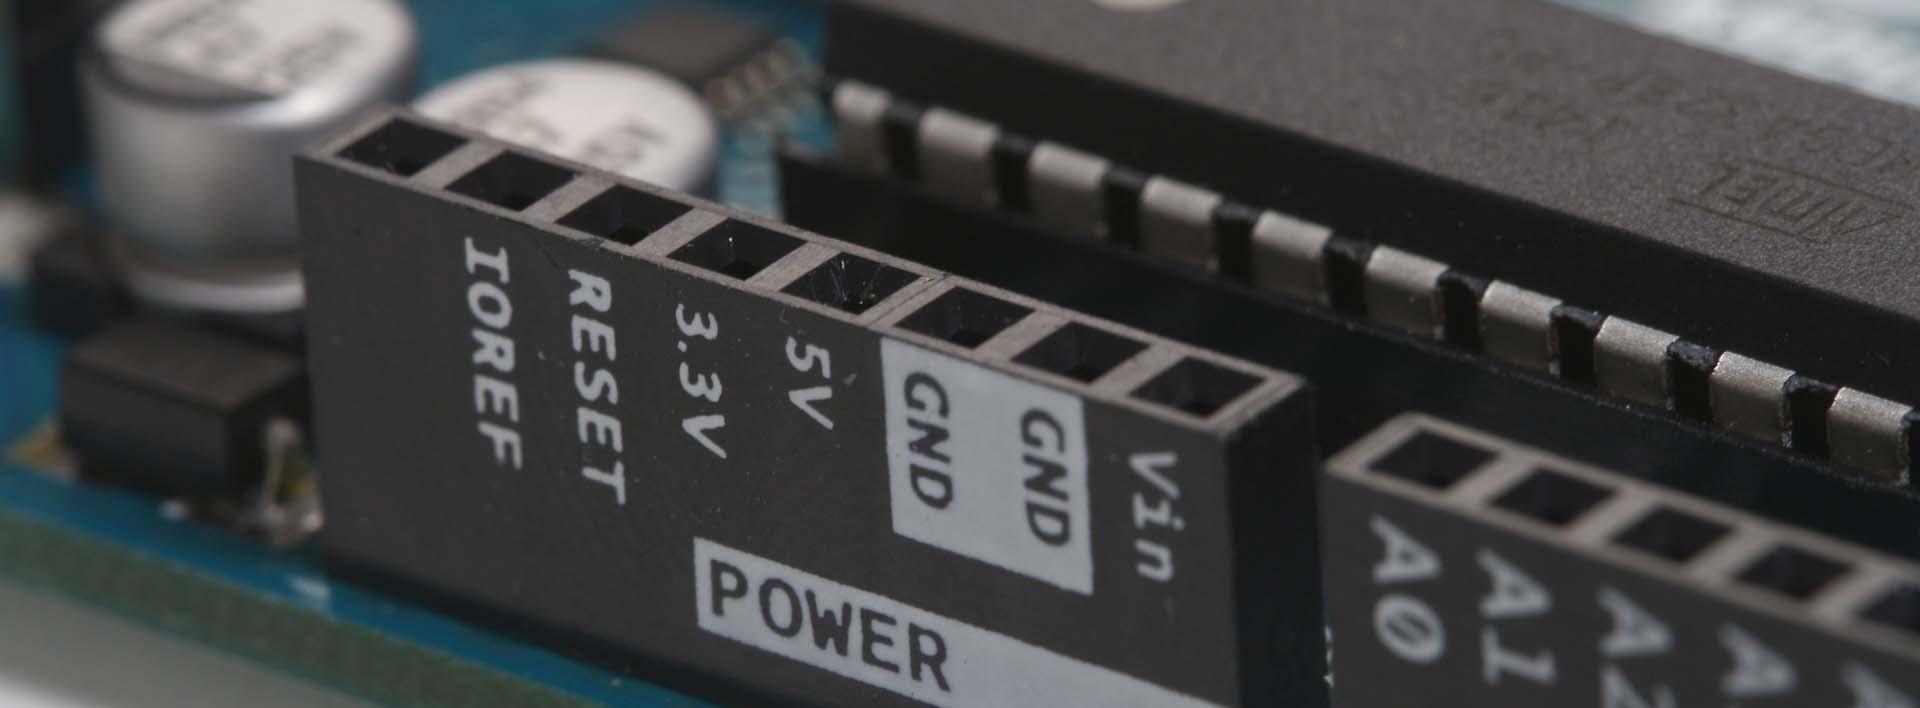 arduino-1050655_1920